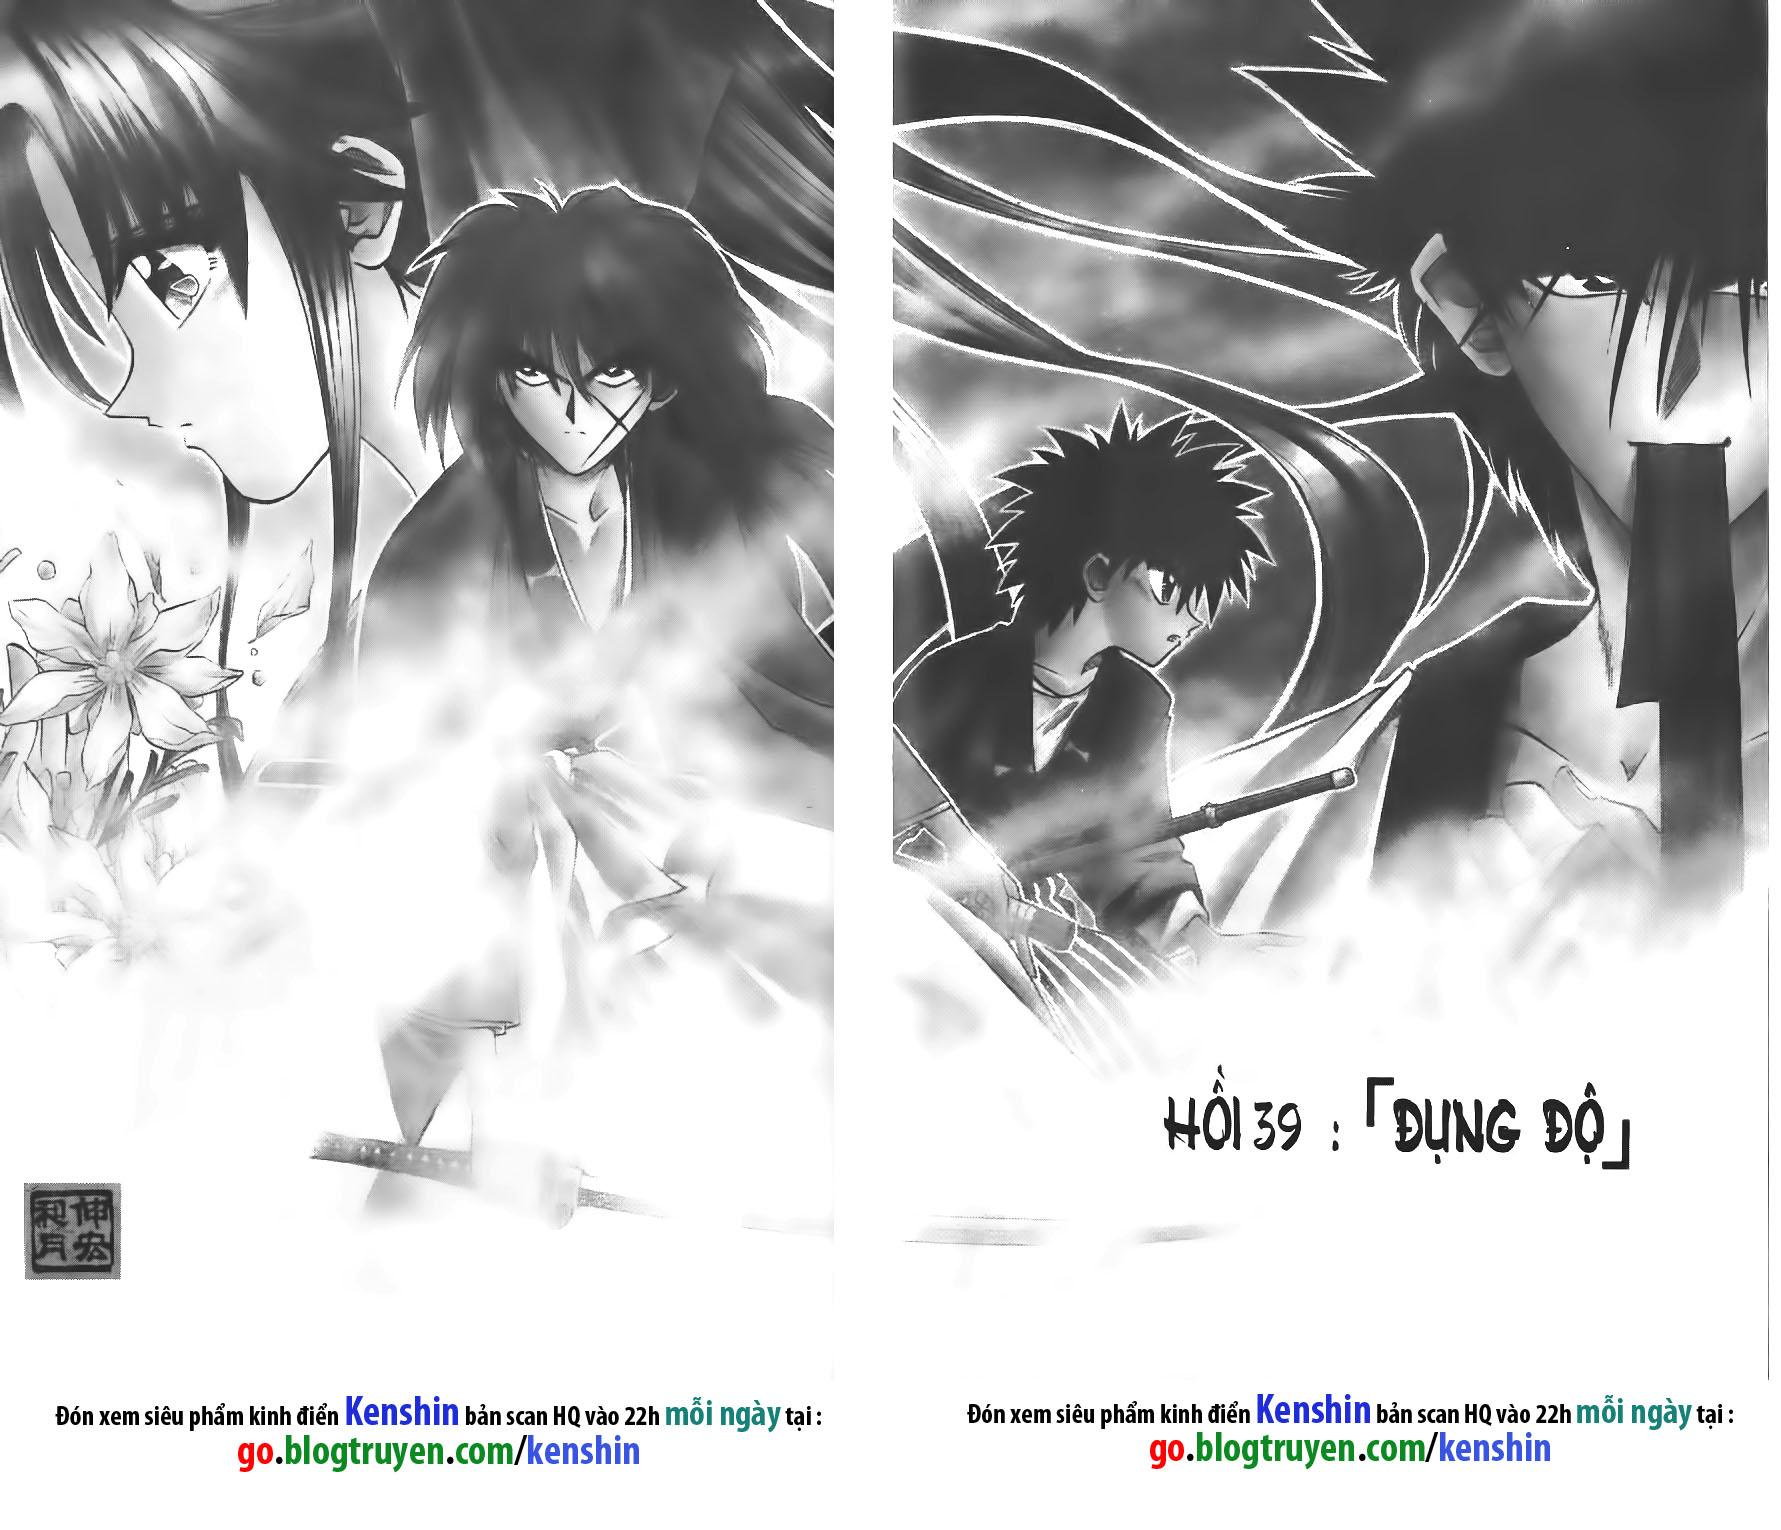 Rurouni Kenshin chap 39 trang 1